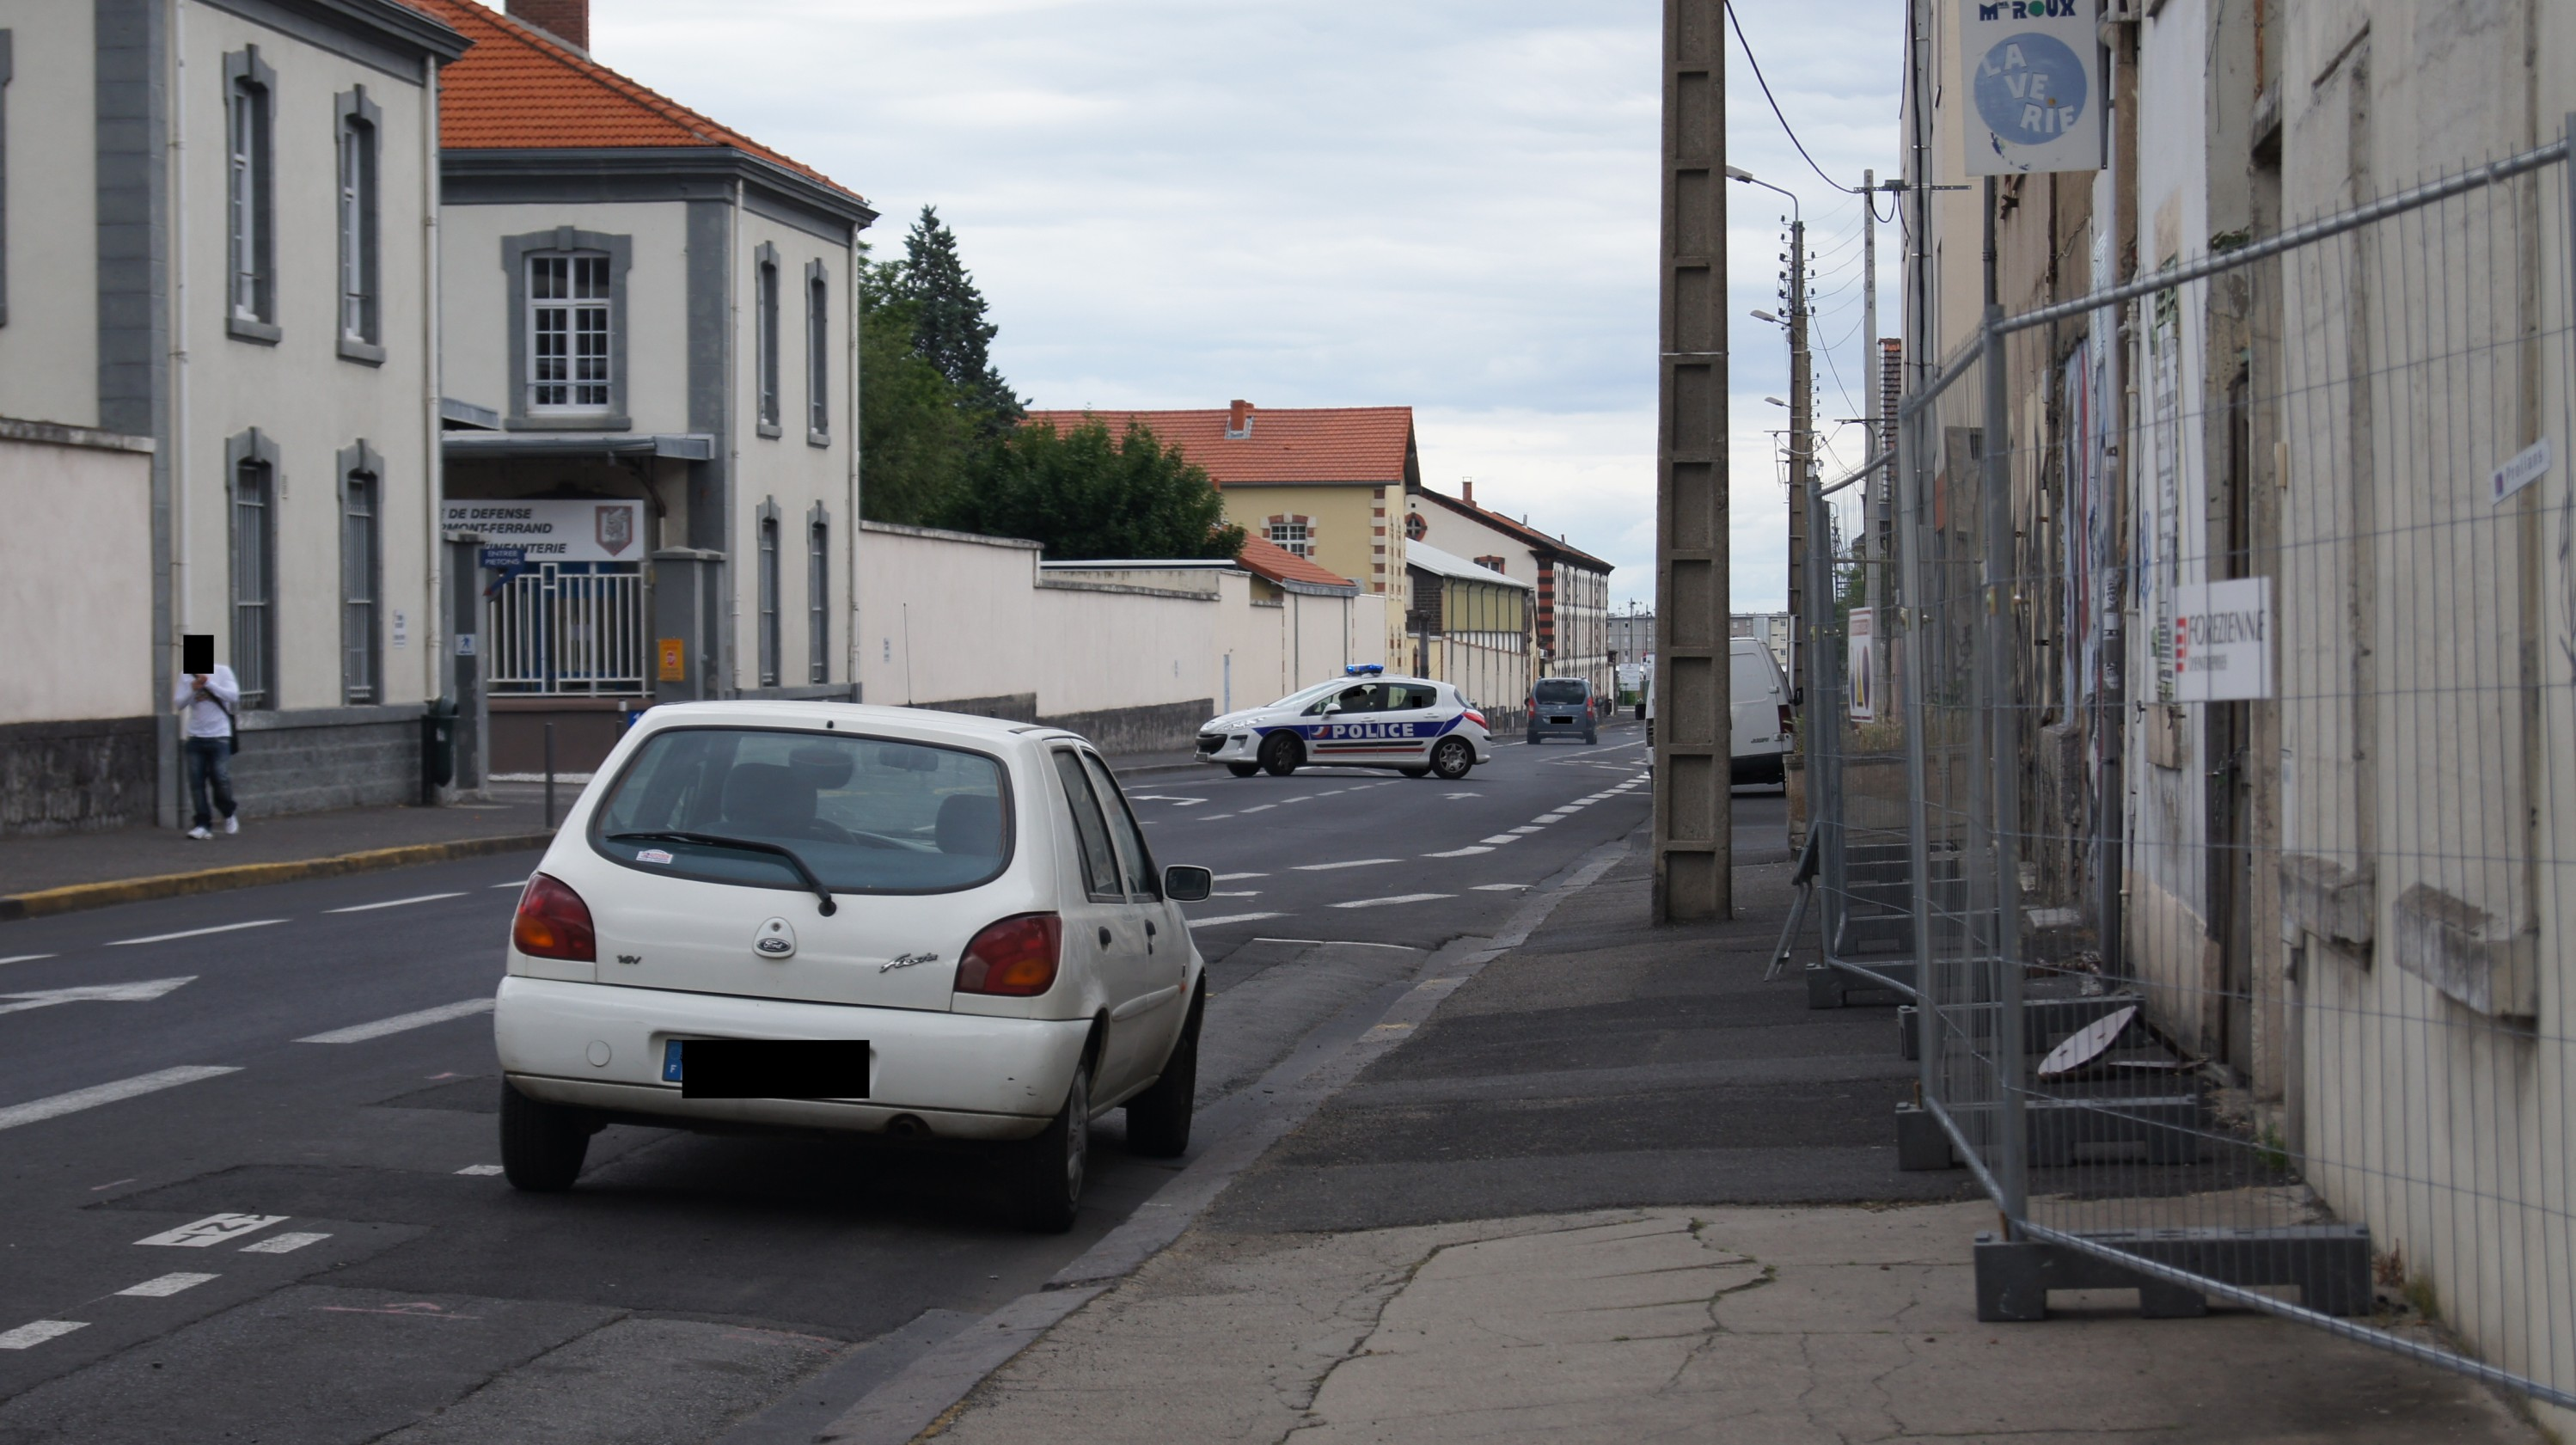 photos de voitures de police page 1761 auto titre. Black Bedroom Furniture Sets. Home Design Ideas